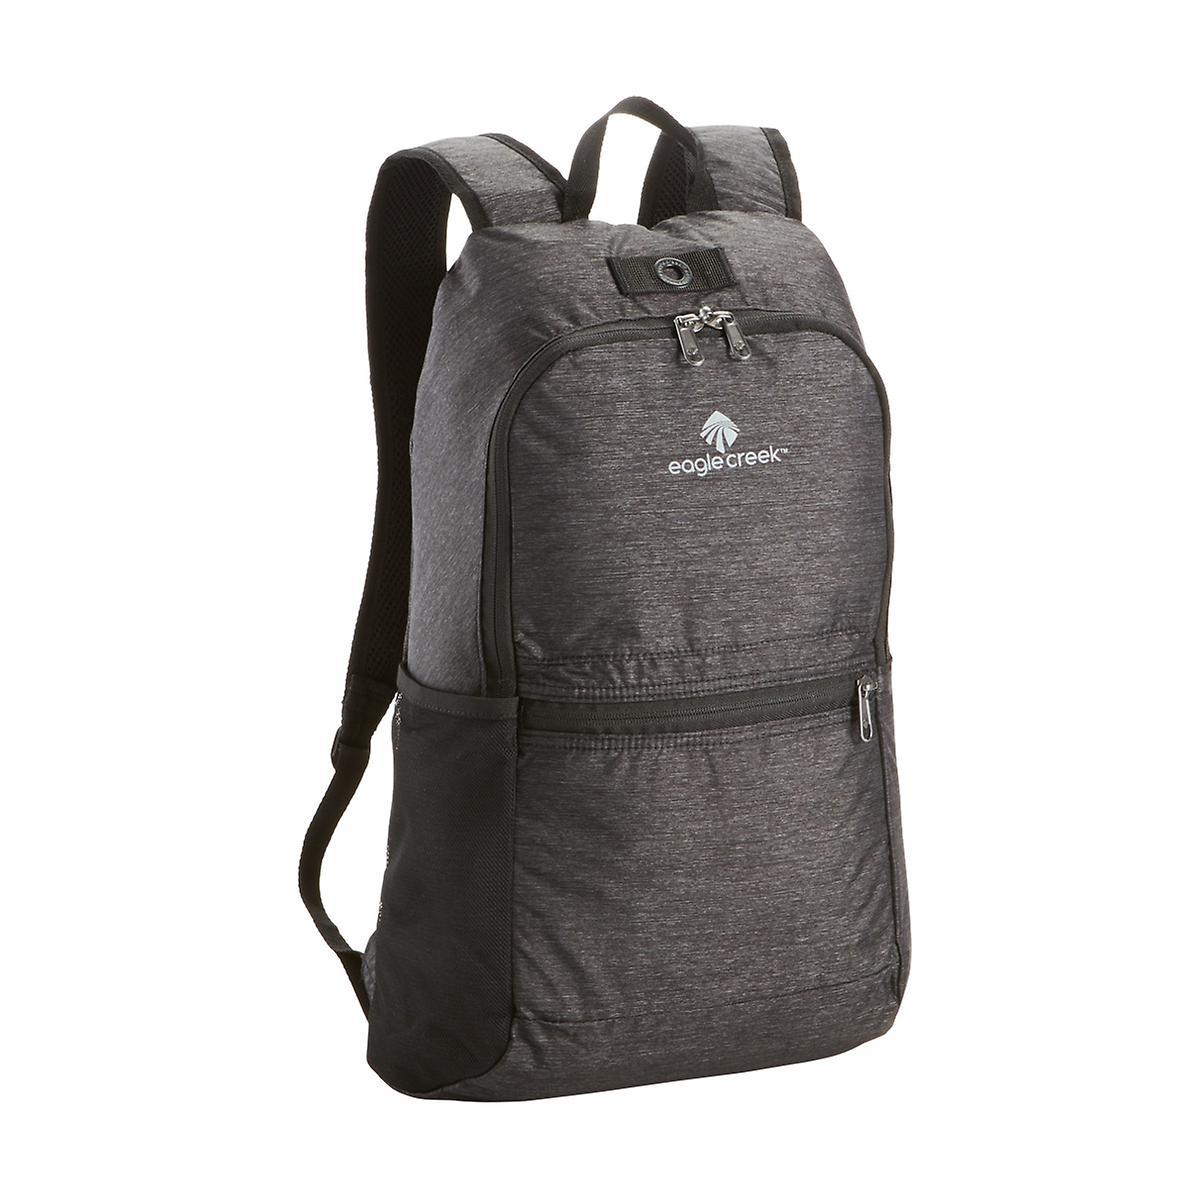 EAGLE CREEK l Packable Daypack - Black